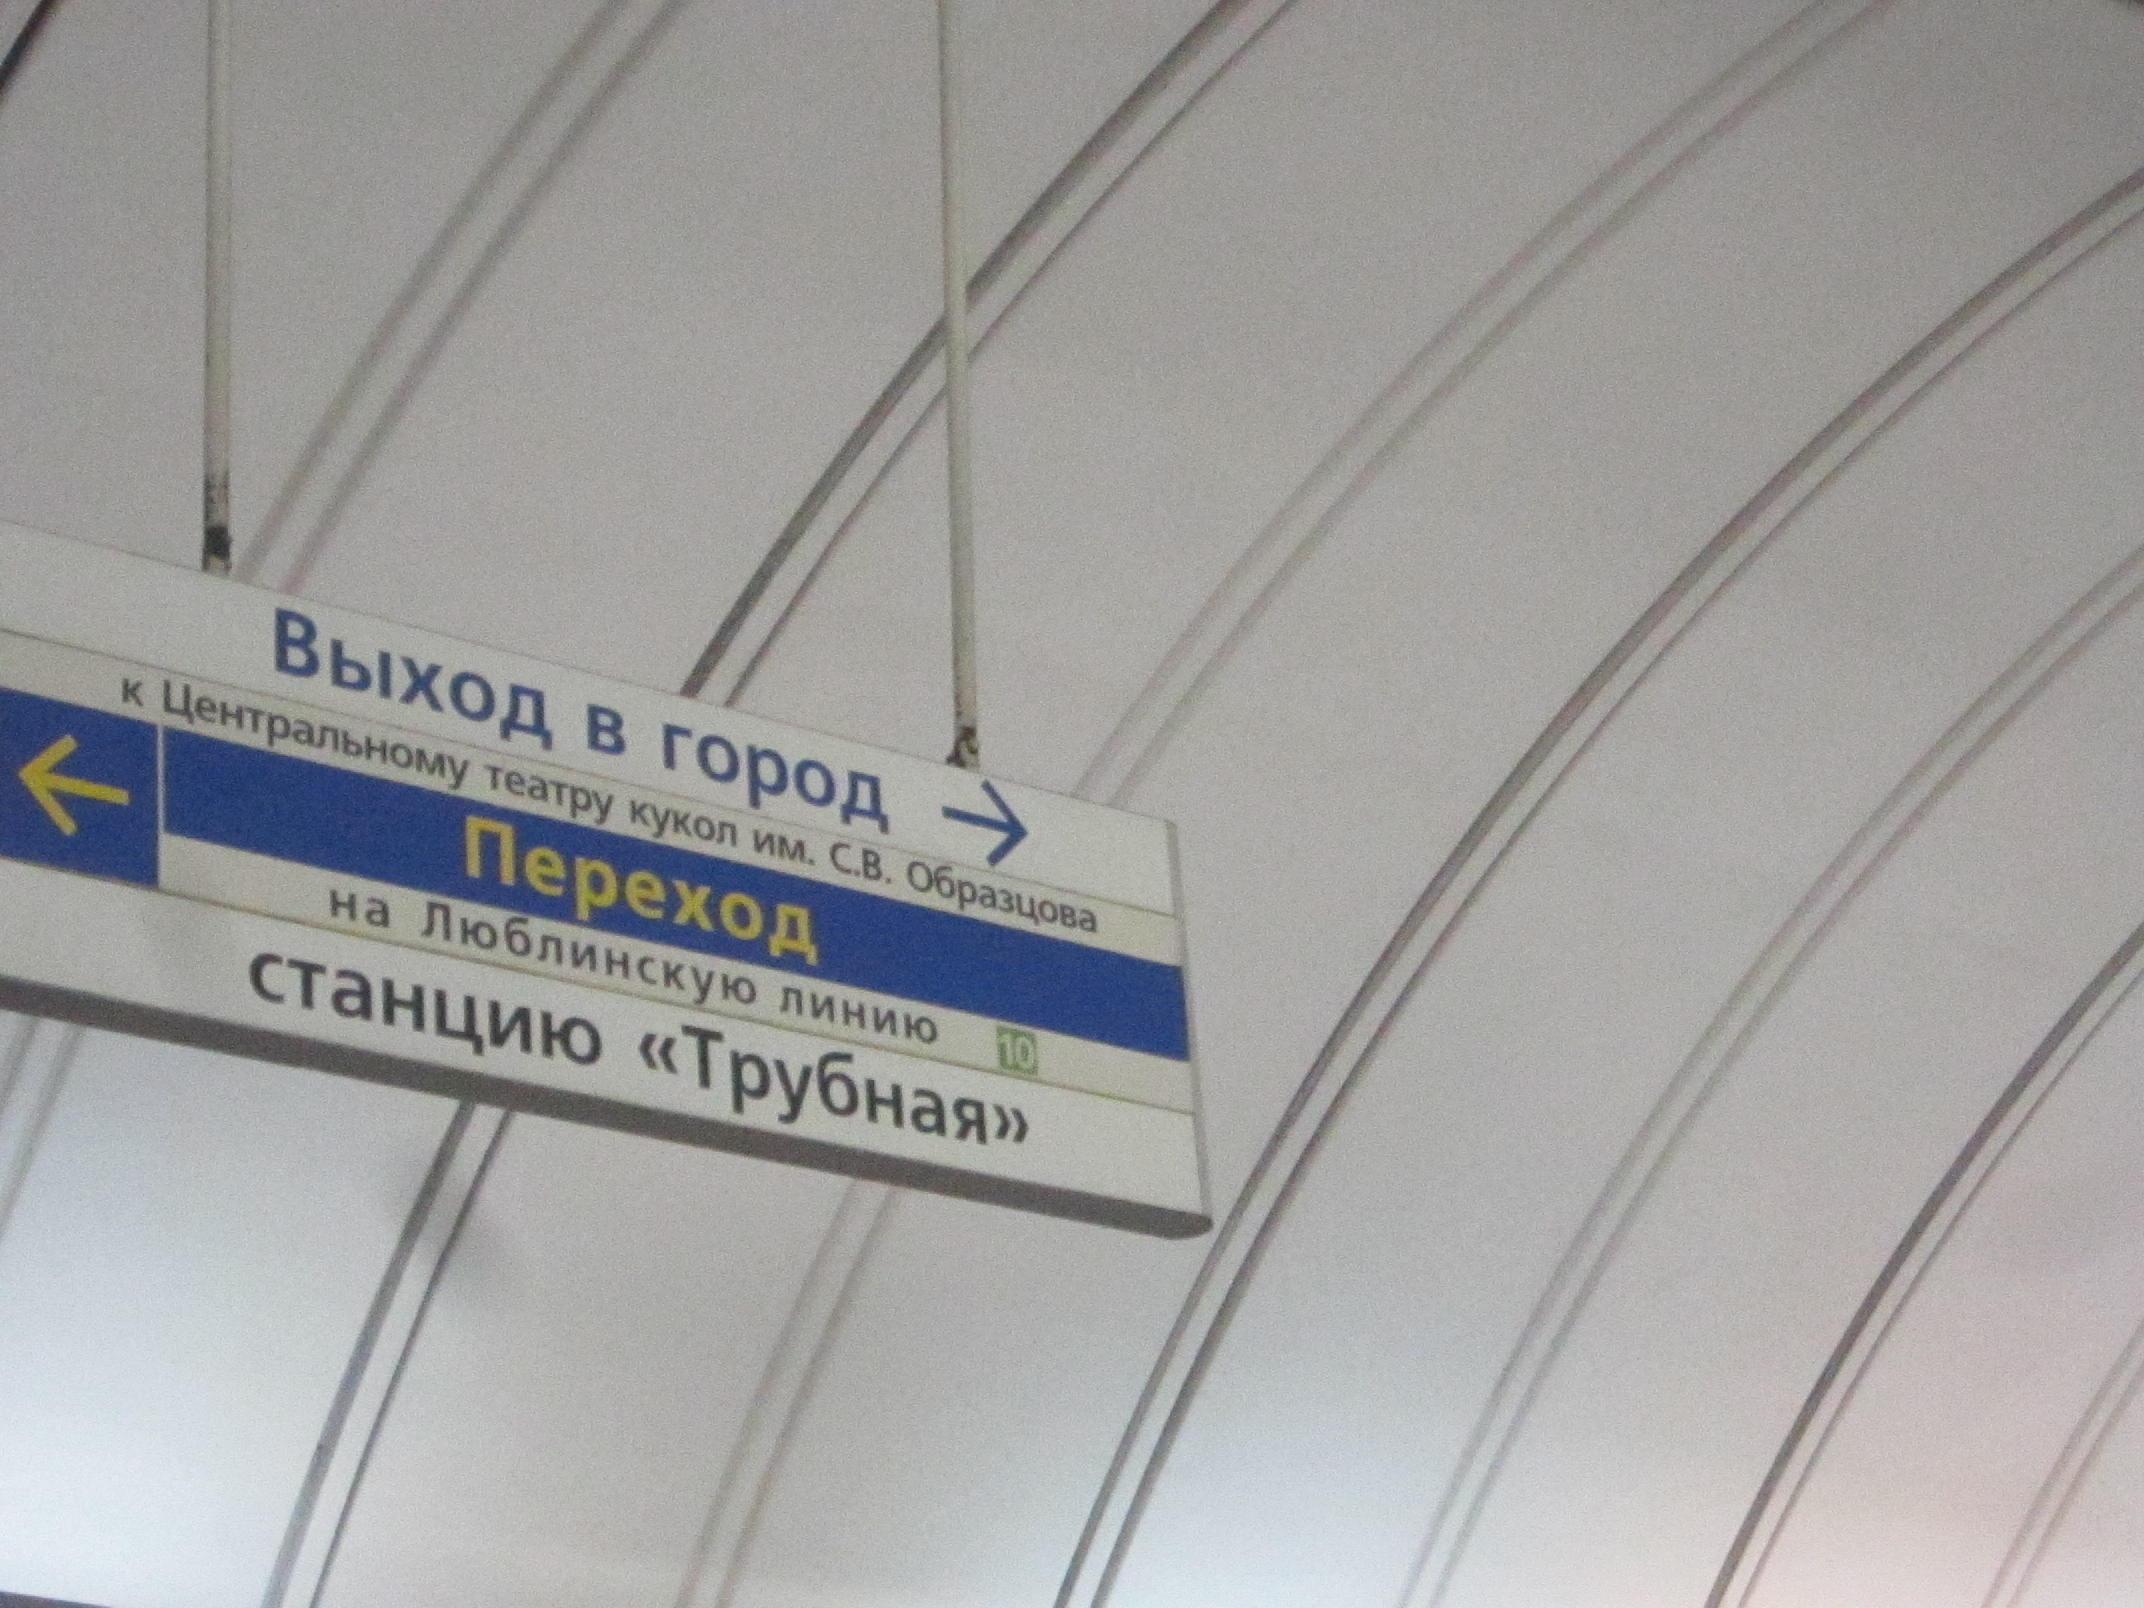 Уголок дурова как добраться на метро